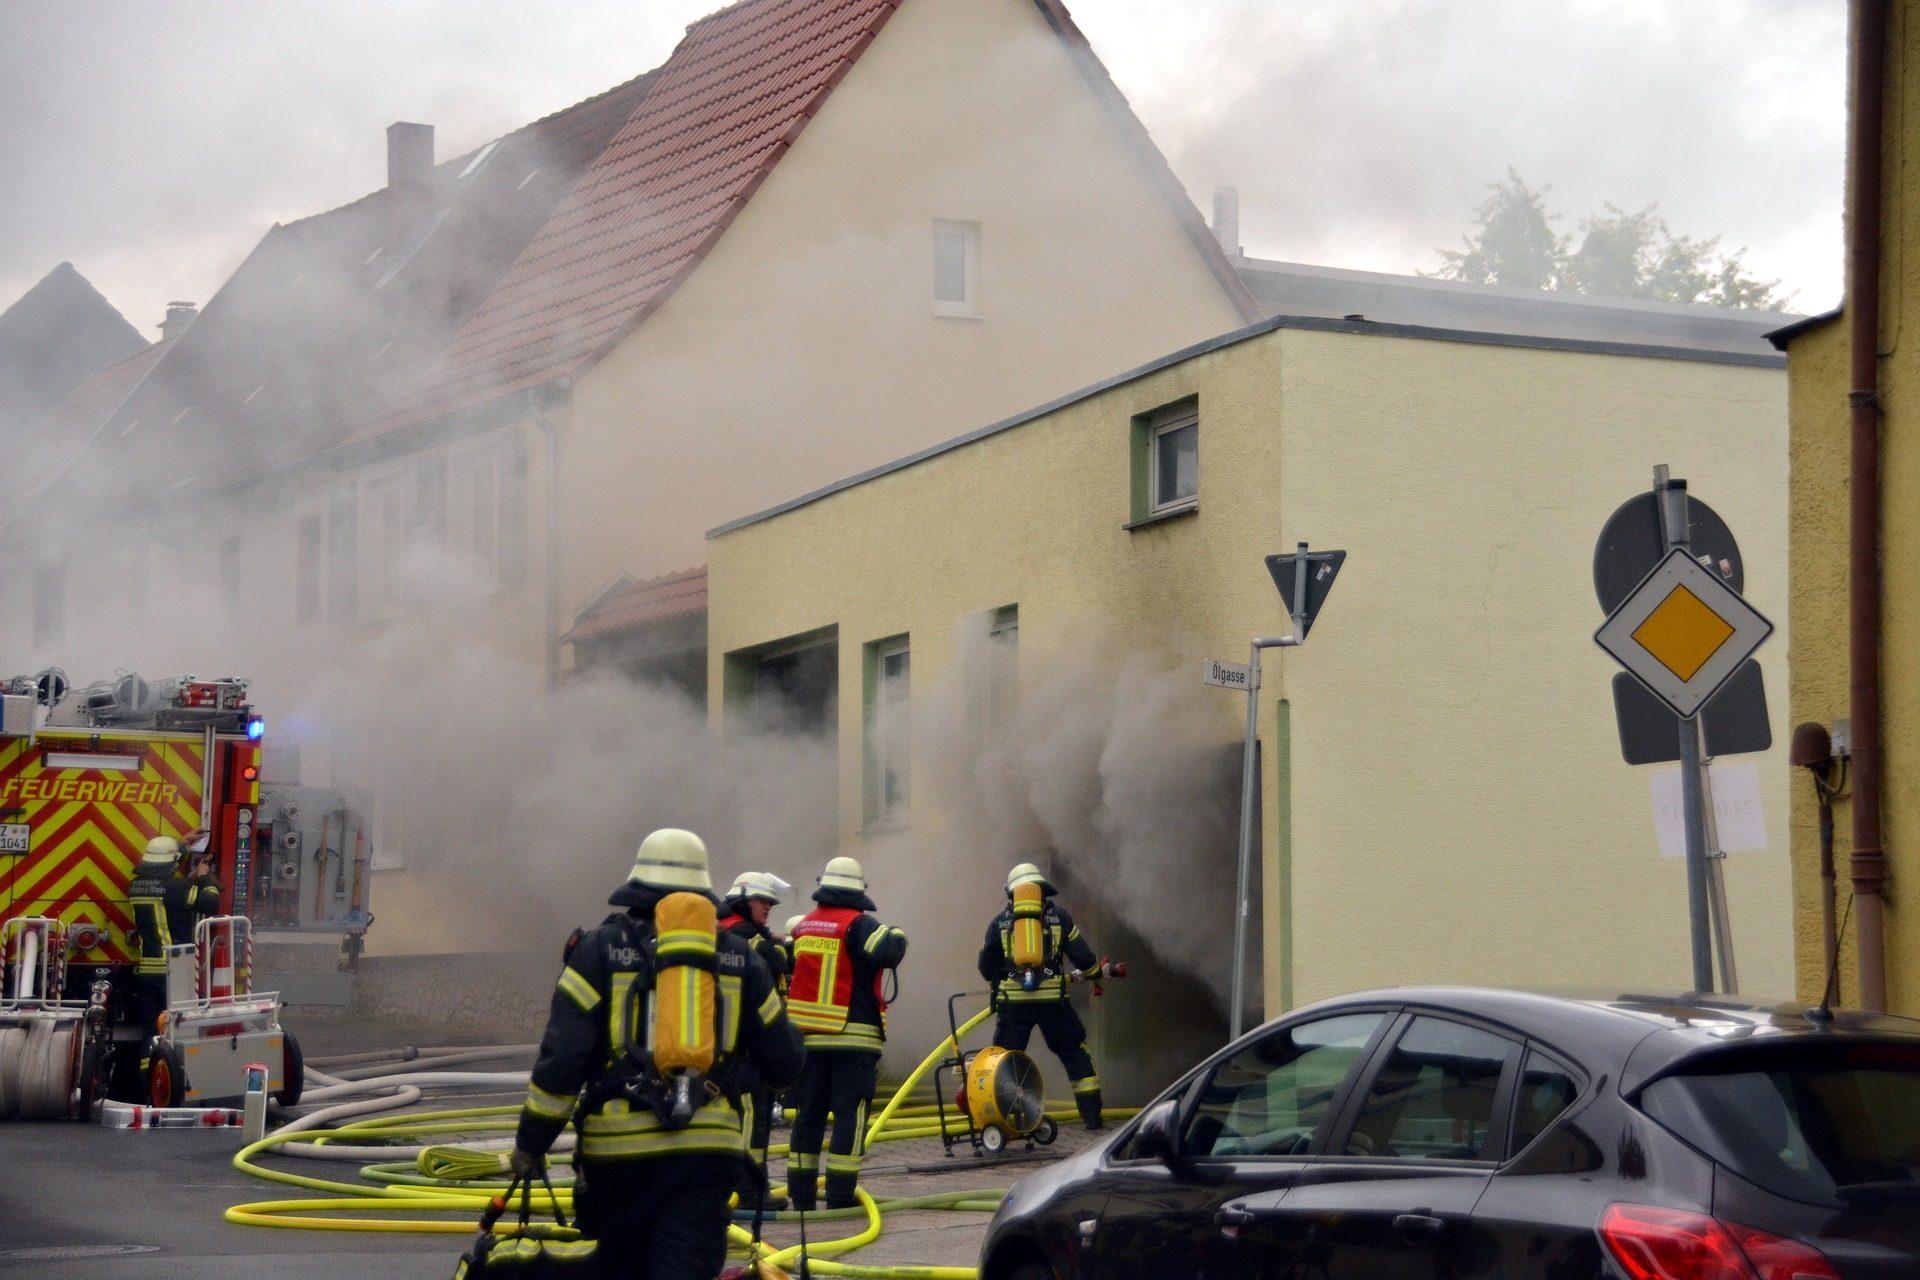 Maison, incendio, fuméefeuos, tuyaux flexibles - Fonds d'écran HD - Professor-falken.com